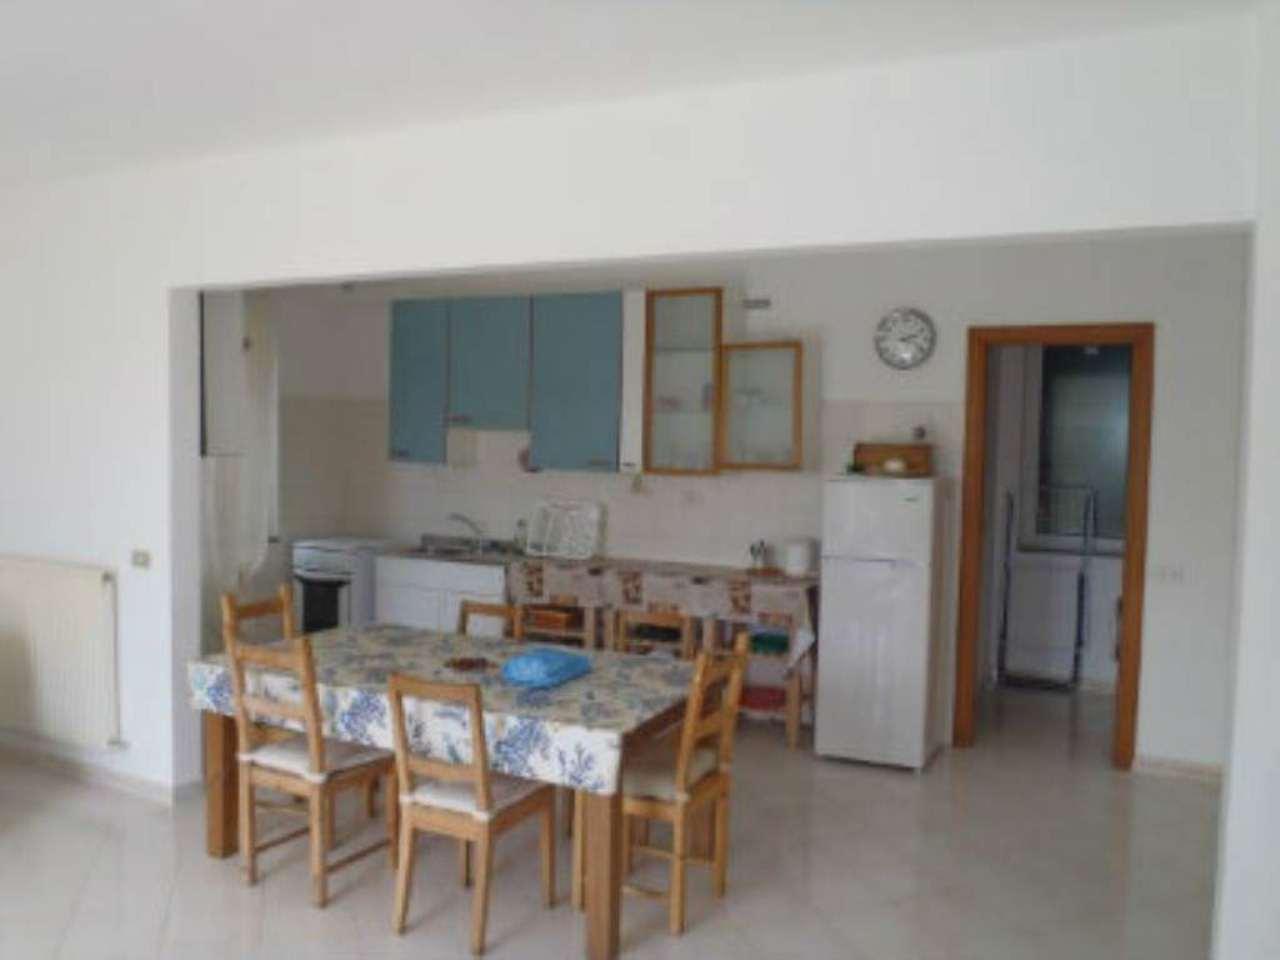 Appartamento in vendita a Chiavari, 3 locali, prezzo € 190.000 | Cambio Casa.it